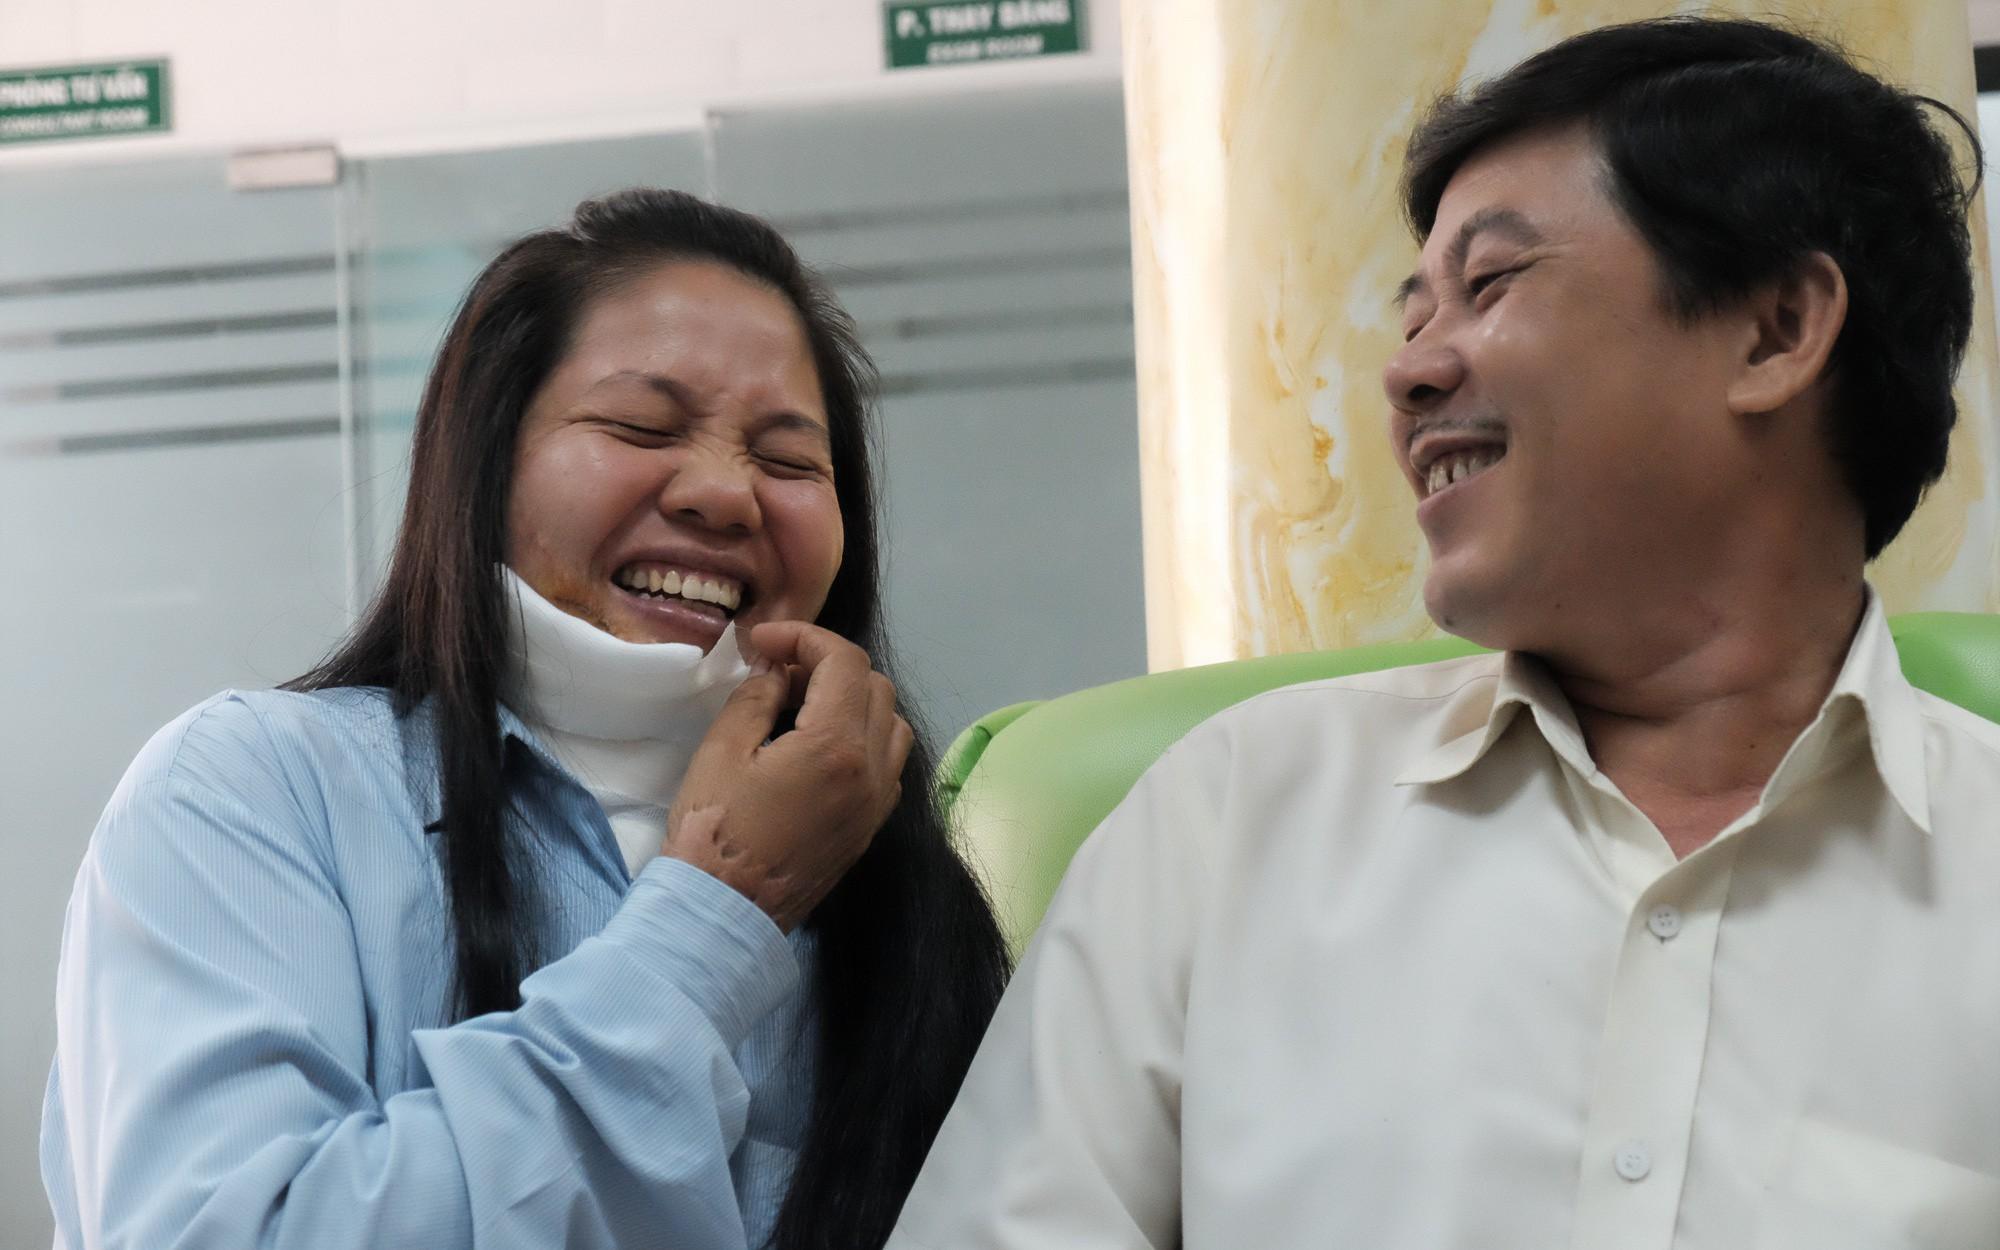 """Vợ bị tạt axit làm biến dạng khuôn mặt, người chồng liệt tay vẫn lặng lẽ chăm sóc suốt 6 năm: """"Với anh, vợ là quan trọng nhất"""""""